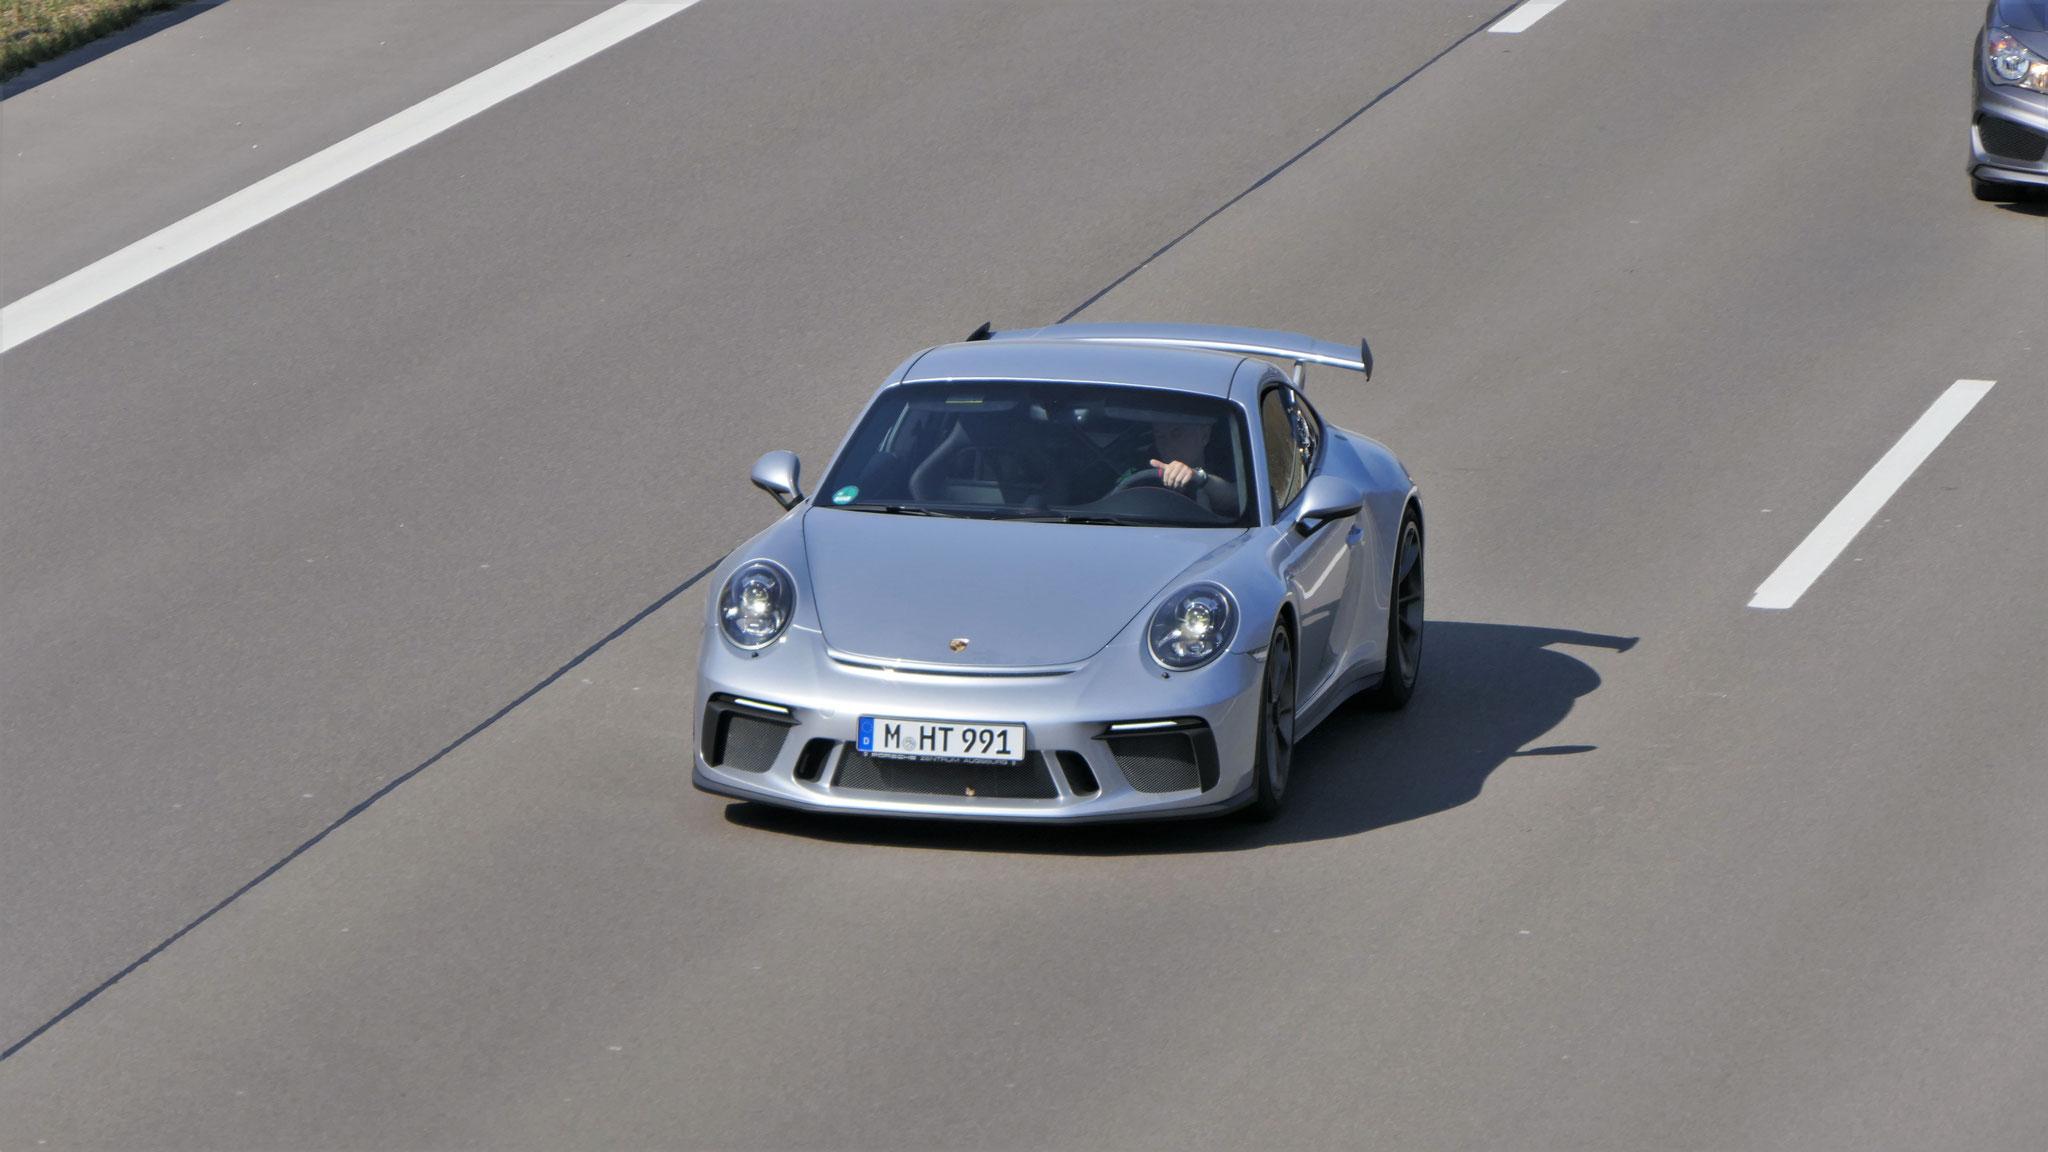 Porsche 991 GT3 - M-HT-991